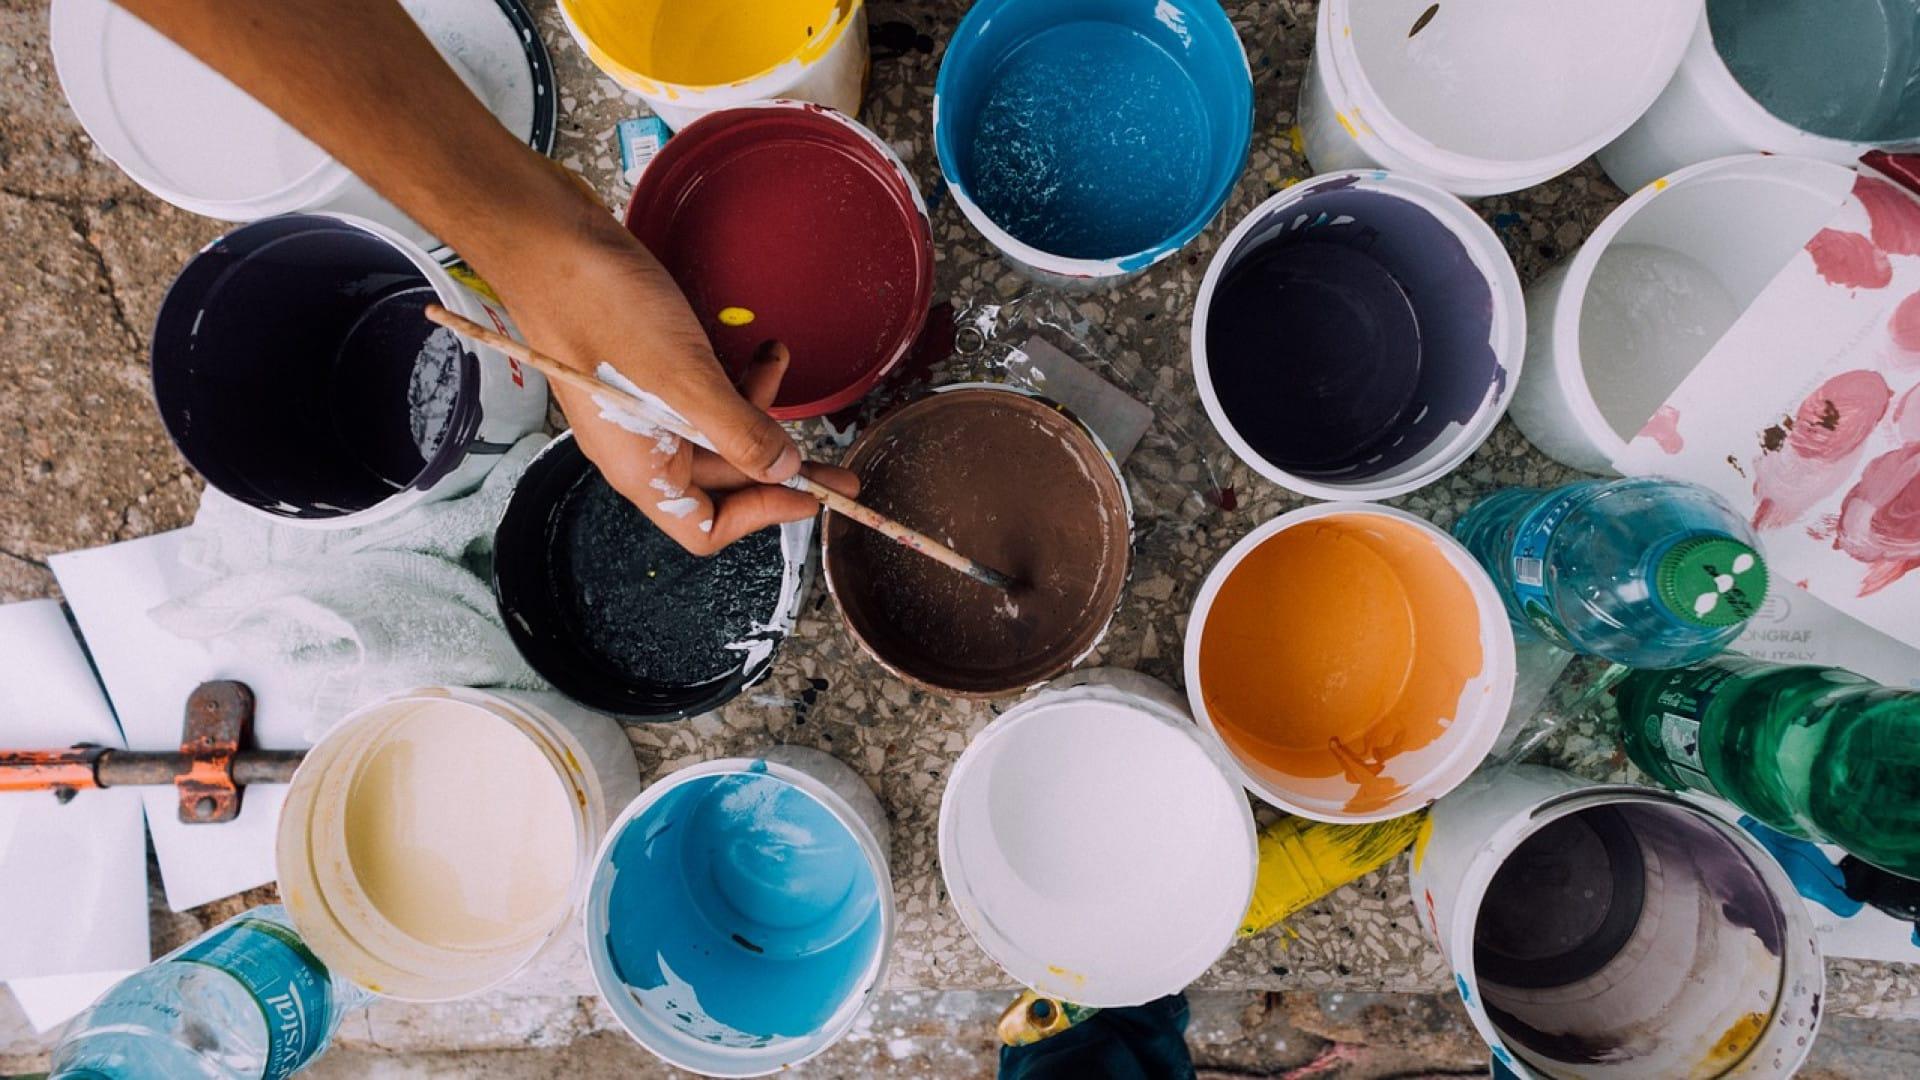 Peinture de cuisine : pourquoi opter pour un spécialiste ?